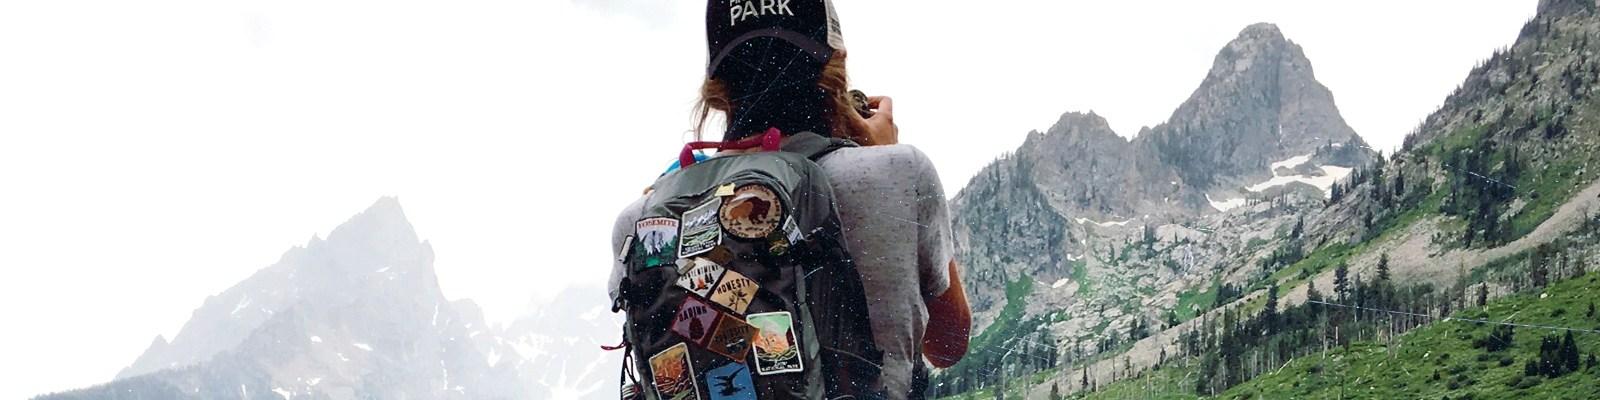 A National Park Expert Shares Her Four Keys For Visiting National Parks